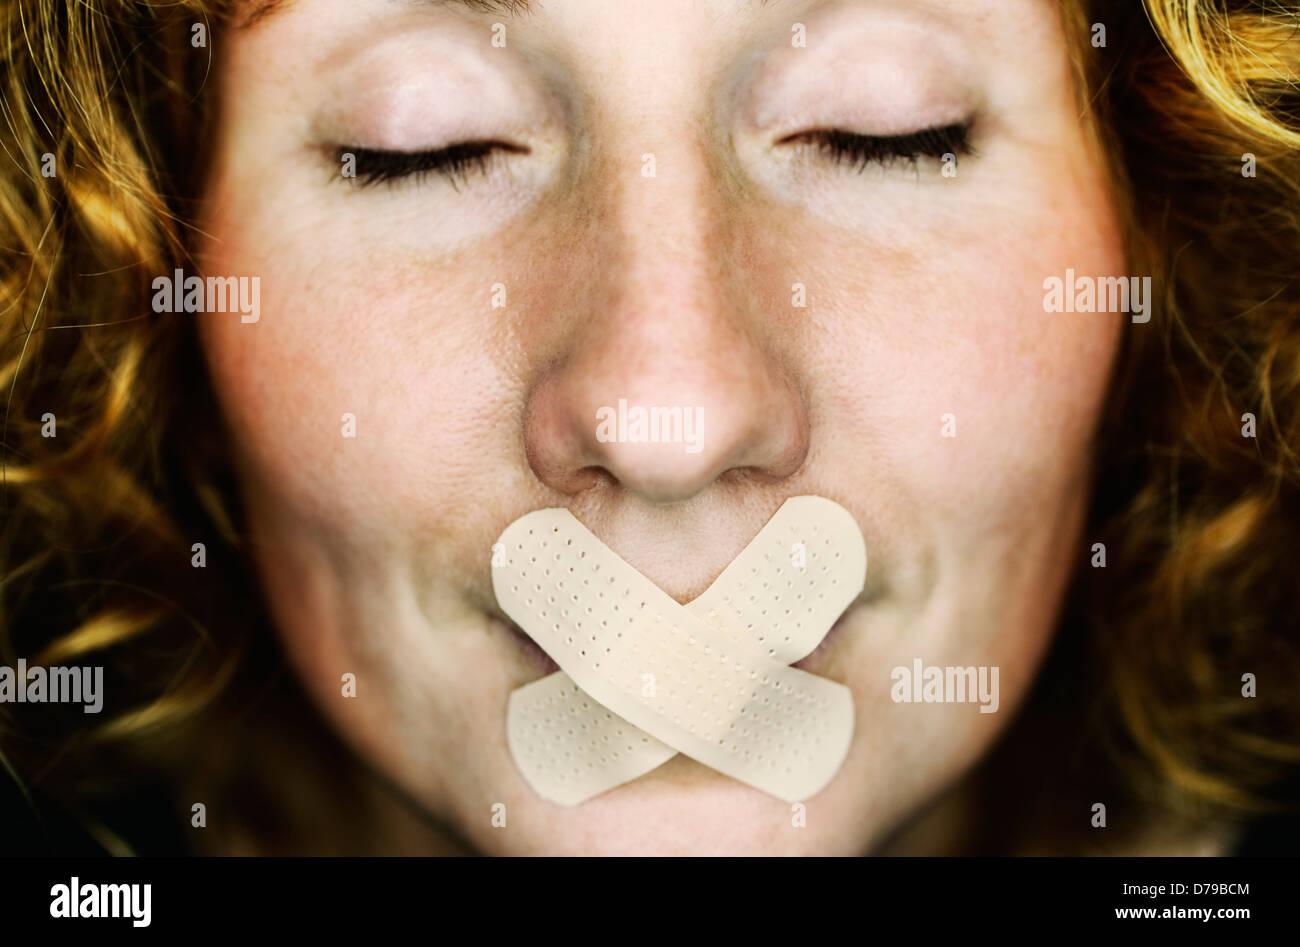 Frau mit Pflaster auf den Mund, symbolische Foto Rede Verbot, Frau Mit Pflaster Auf Dem Mund, Symbolfoto Redeverbot Stockbild